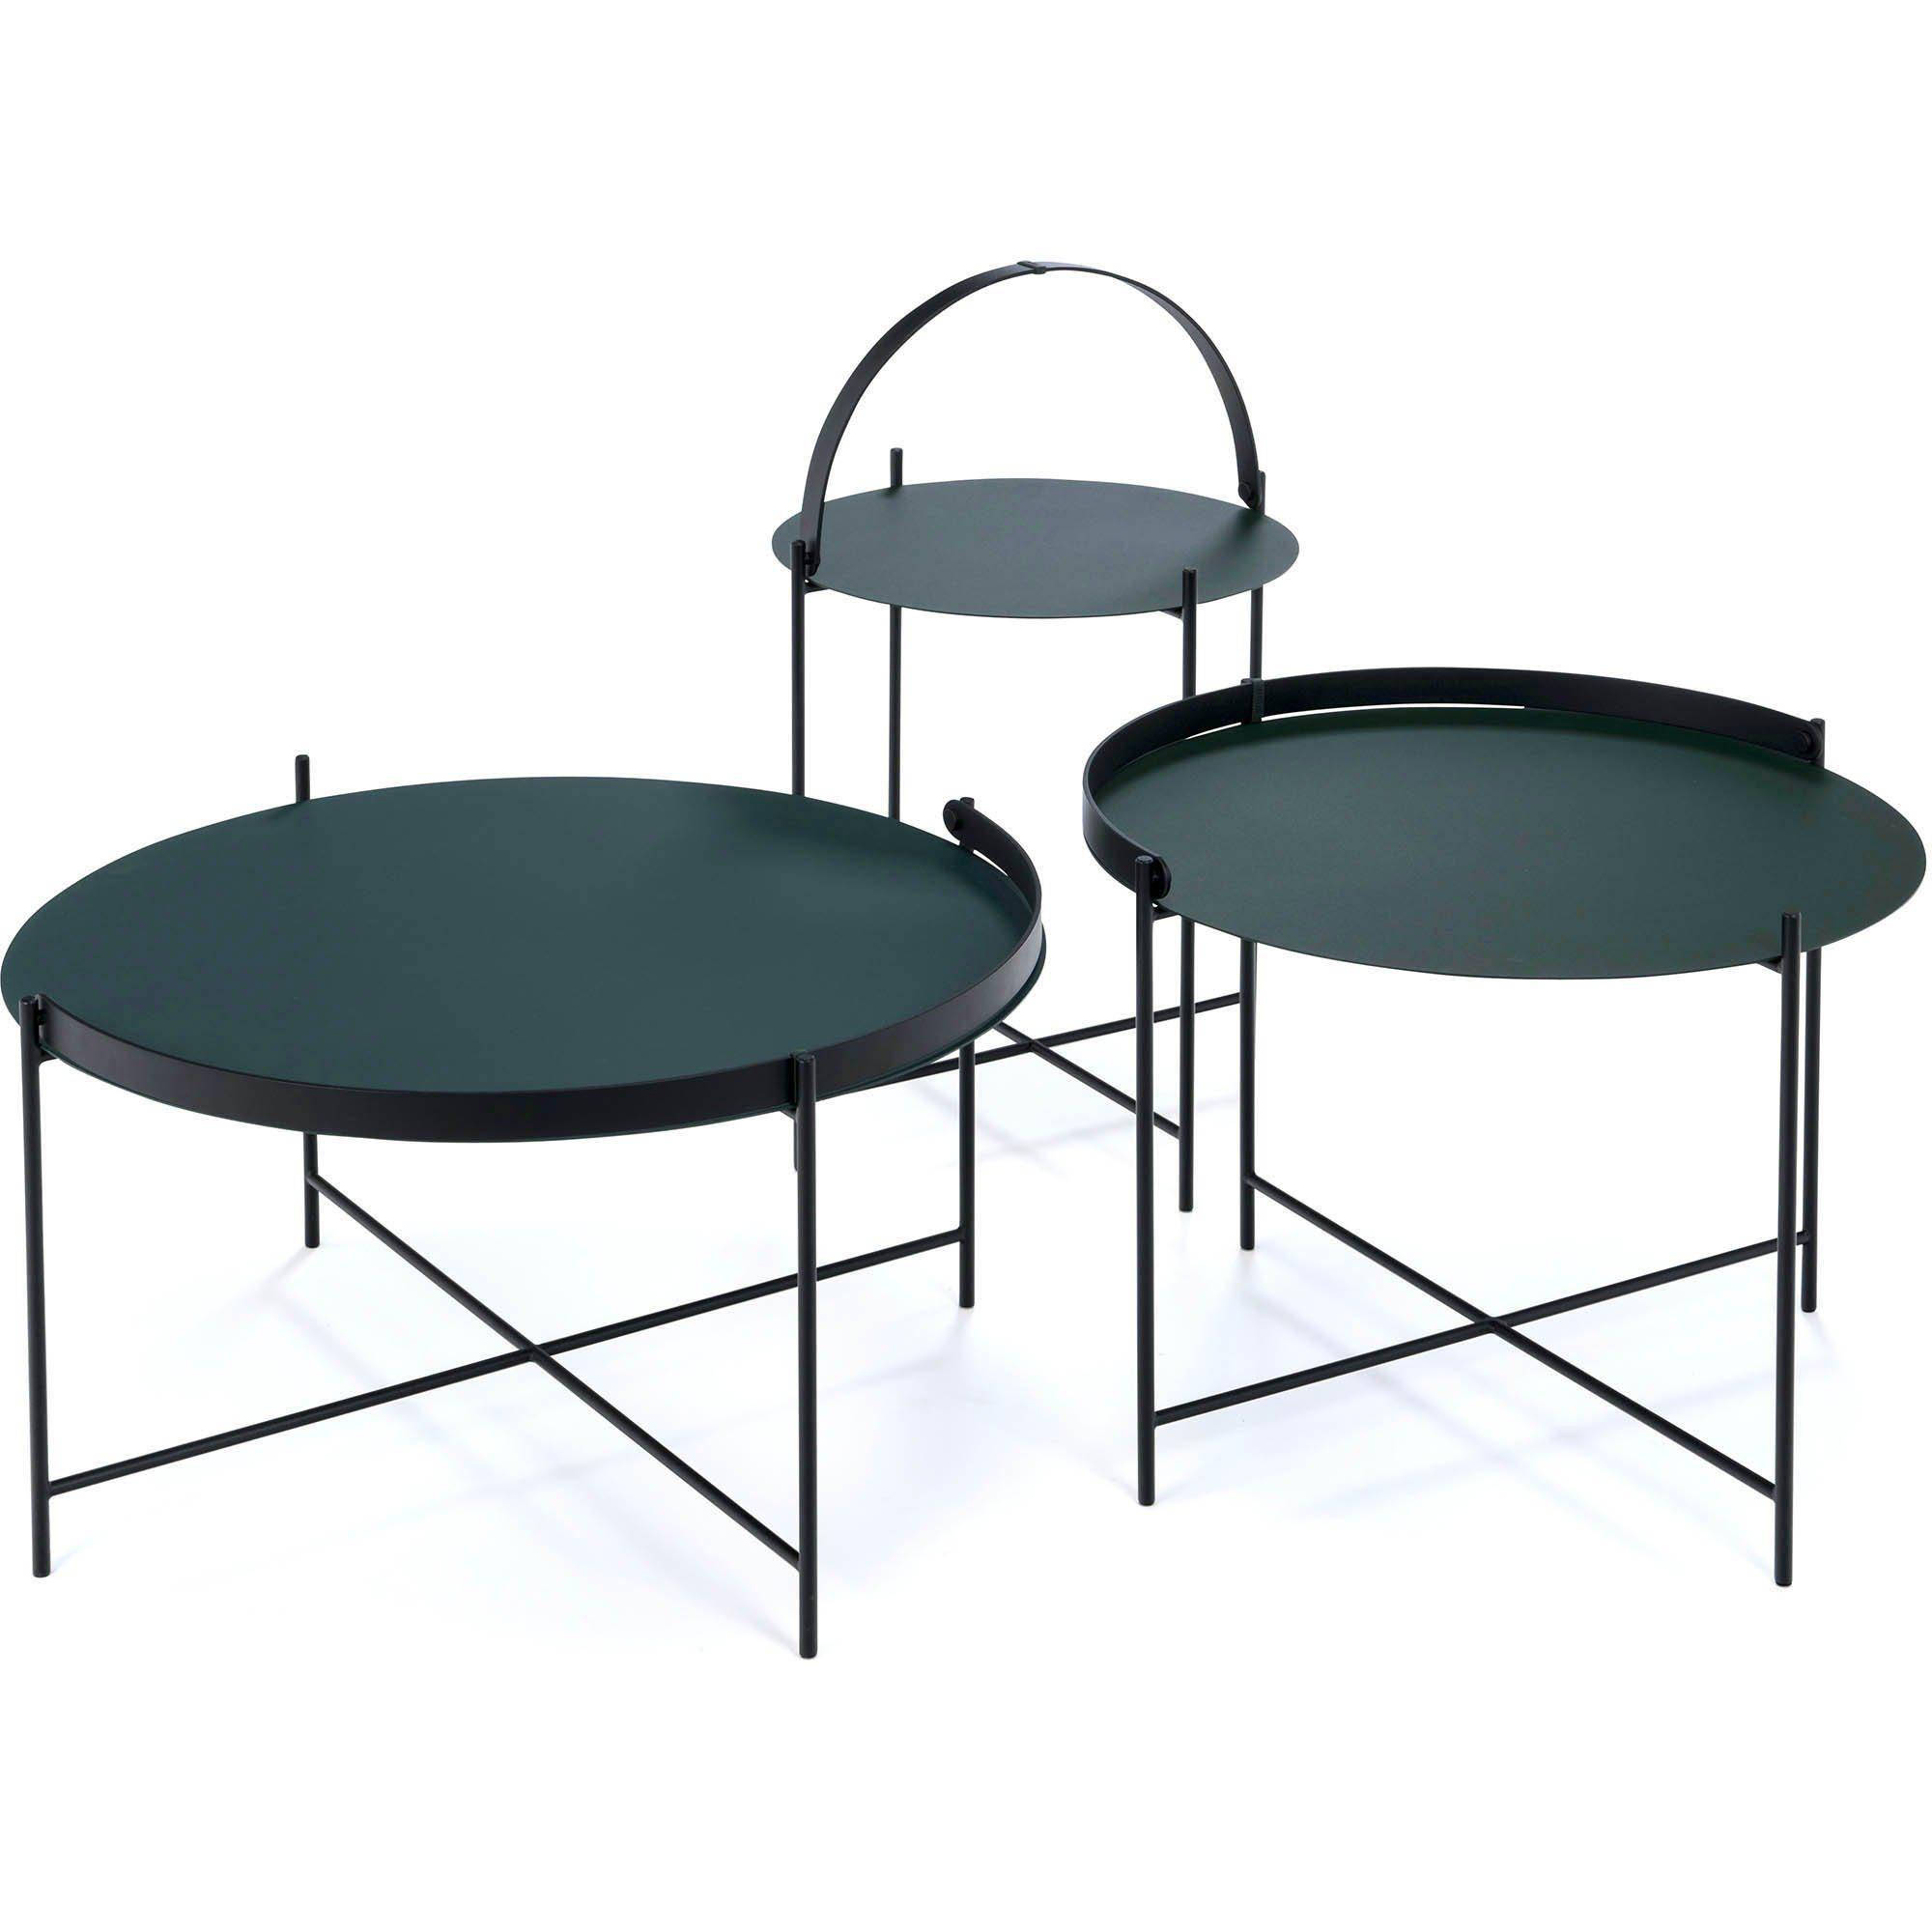 Edge bord från Houe i svart och grönt.